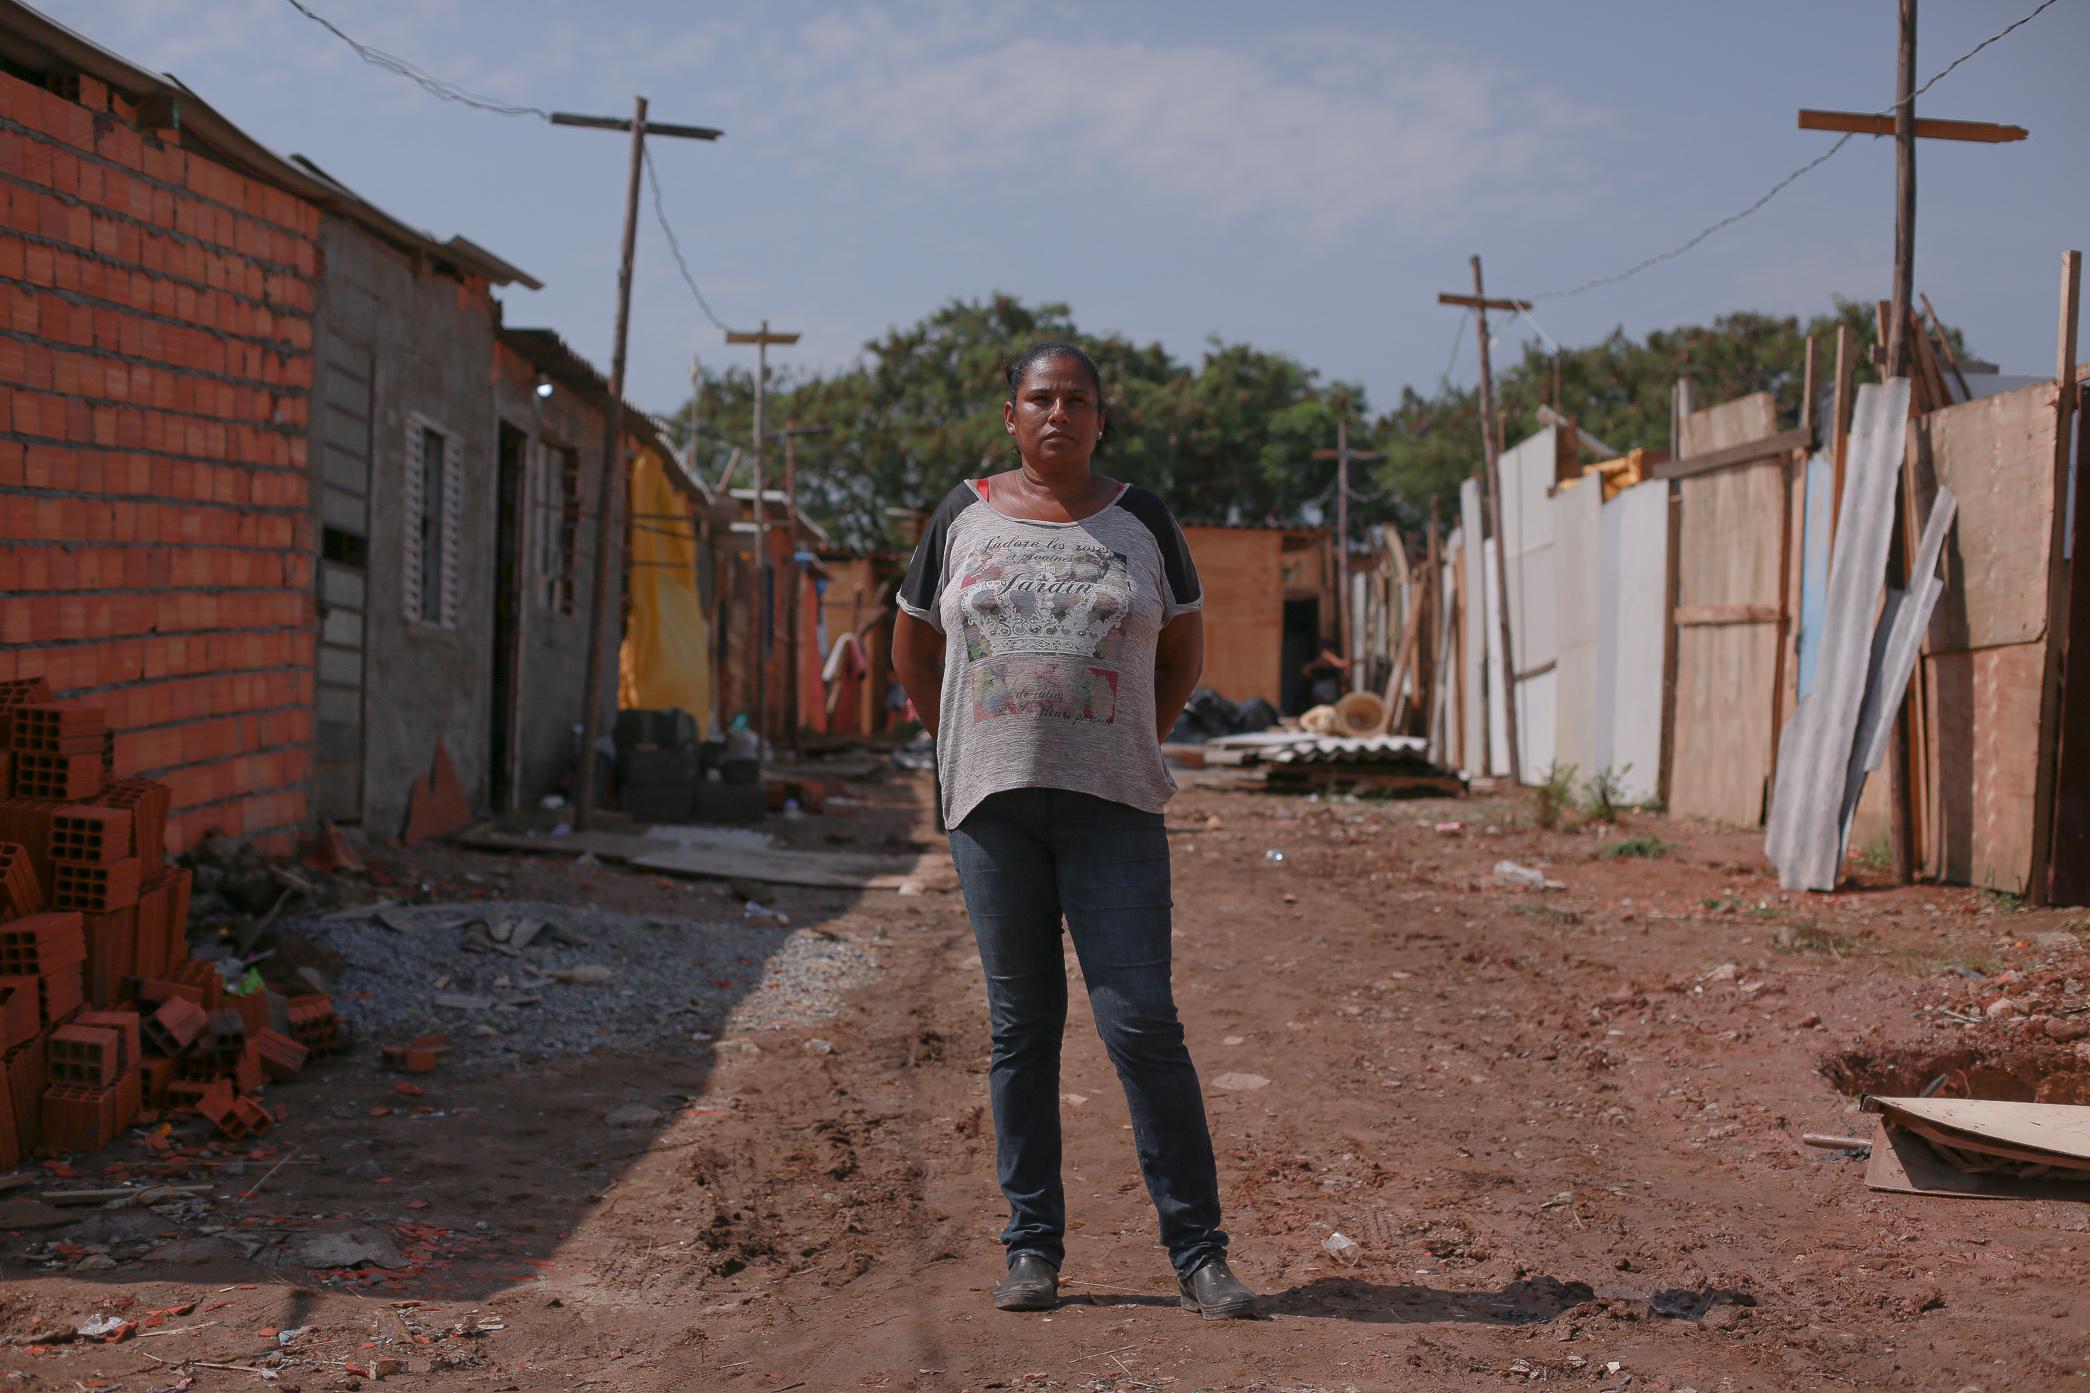 Coordenadora da ocupação Viva Jardim Julieta, Valdirene Frazão, já aguarda habitação na fila da Coha